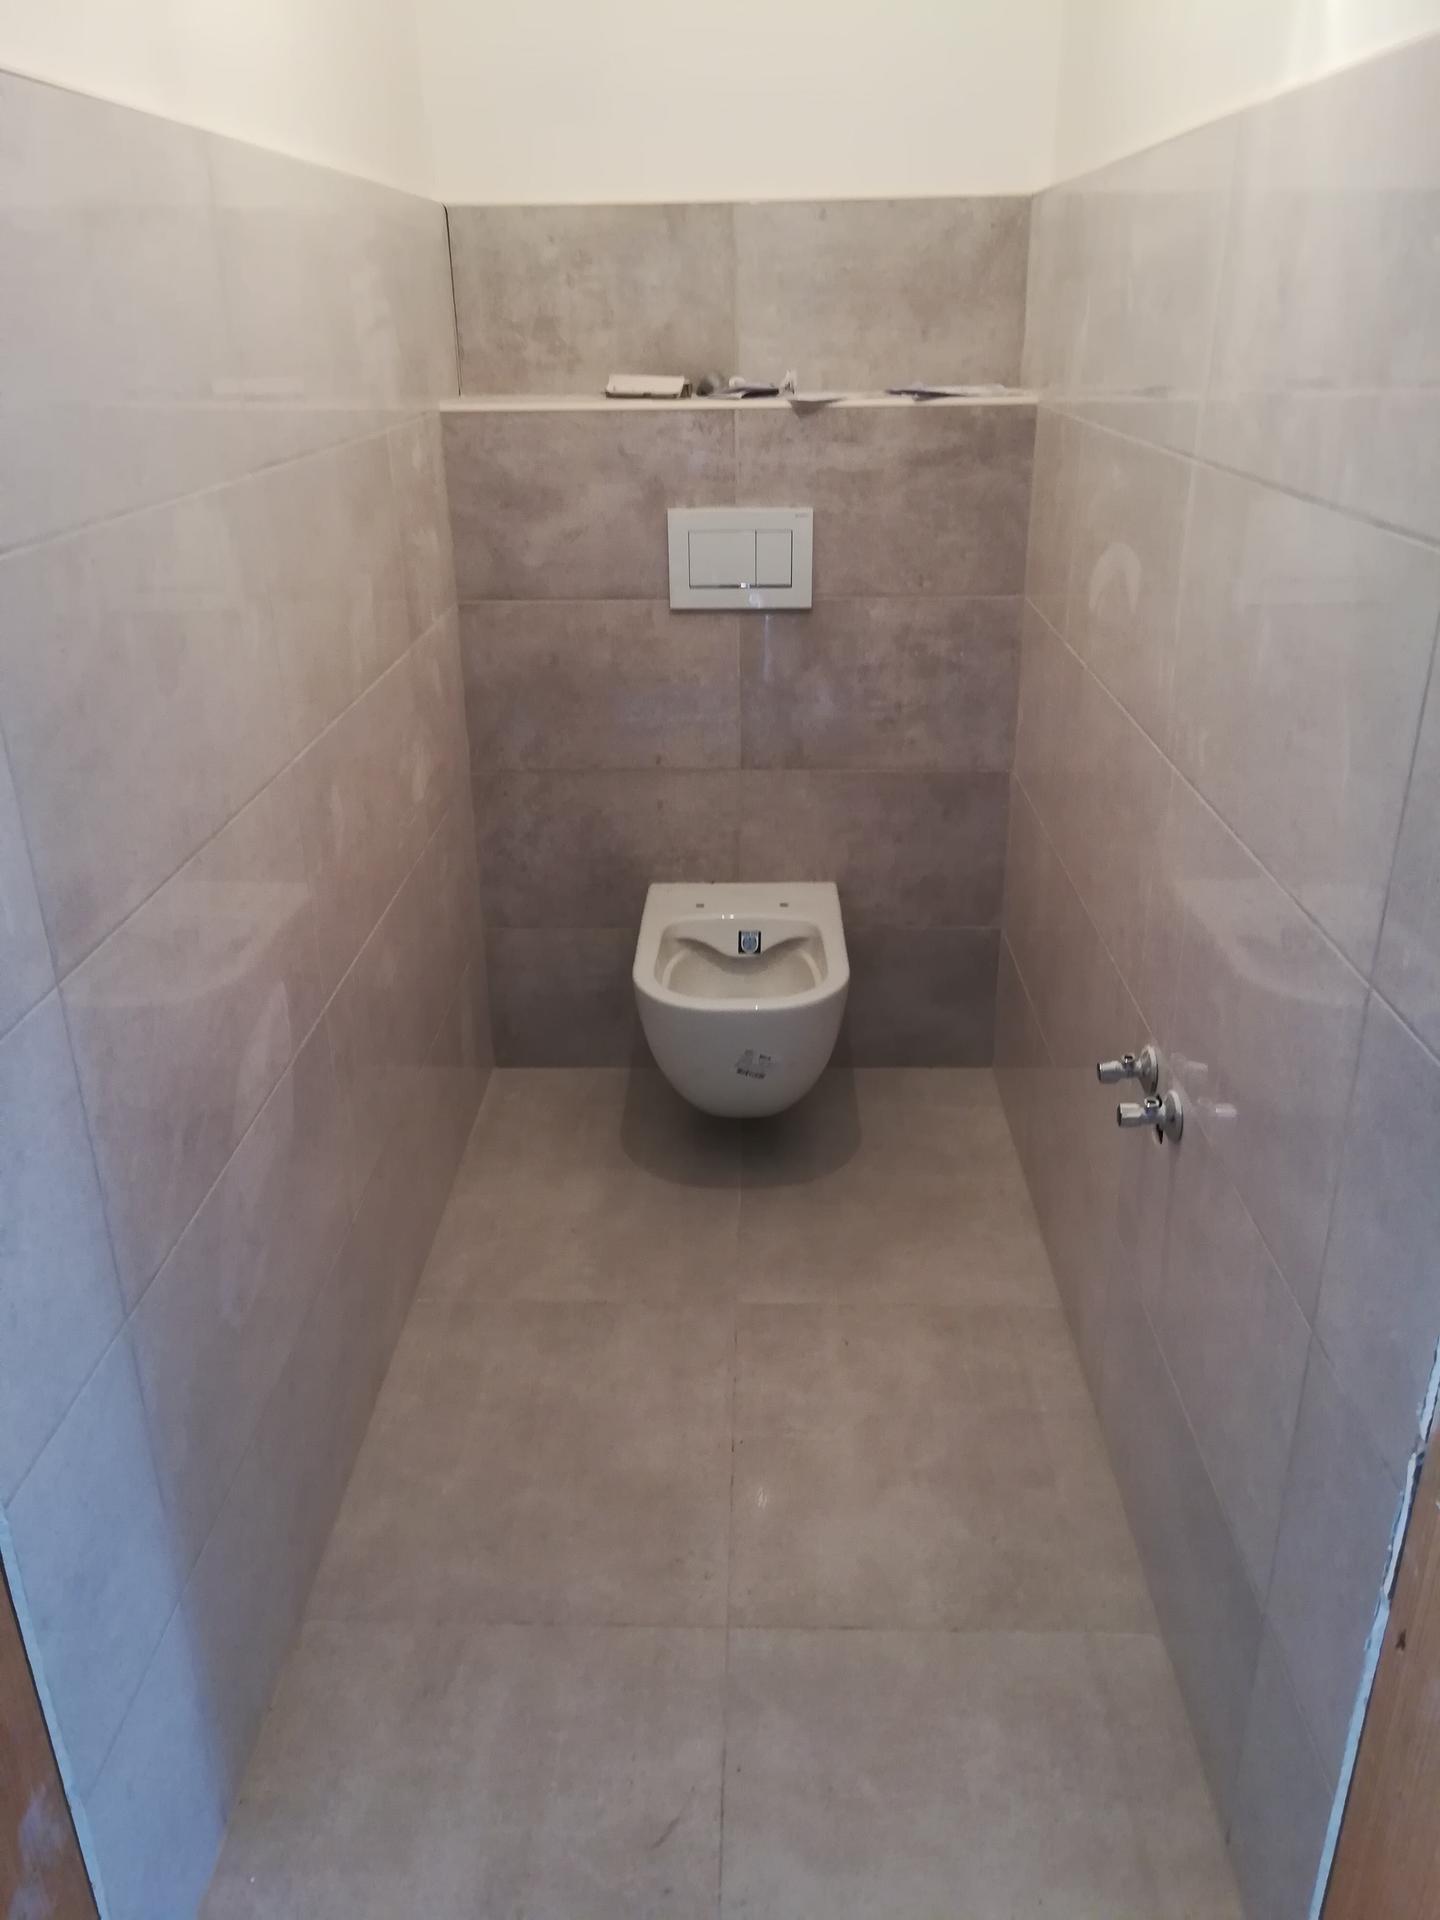 Výška závěsného wc od podlahy...😵  Prosím poraďte, v jaké výšce máte wc, co vám vyhovuje? Dohadujeme se, zda dat 40 cm nebo 50 cm? 🙈 - Obrázek č. 1